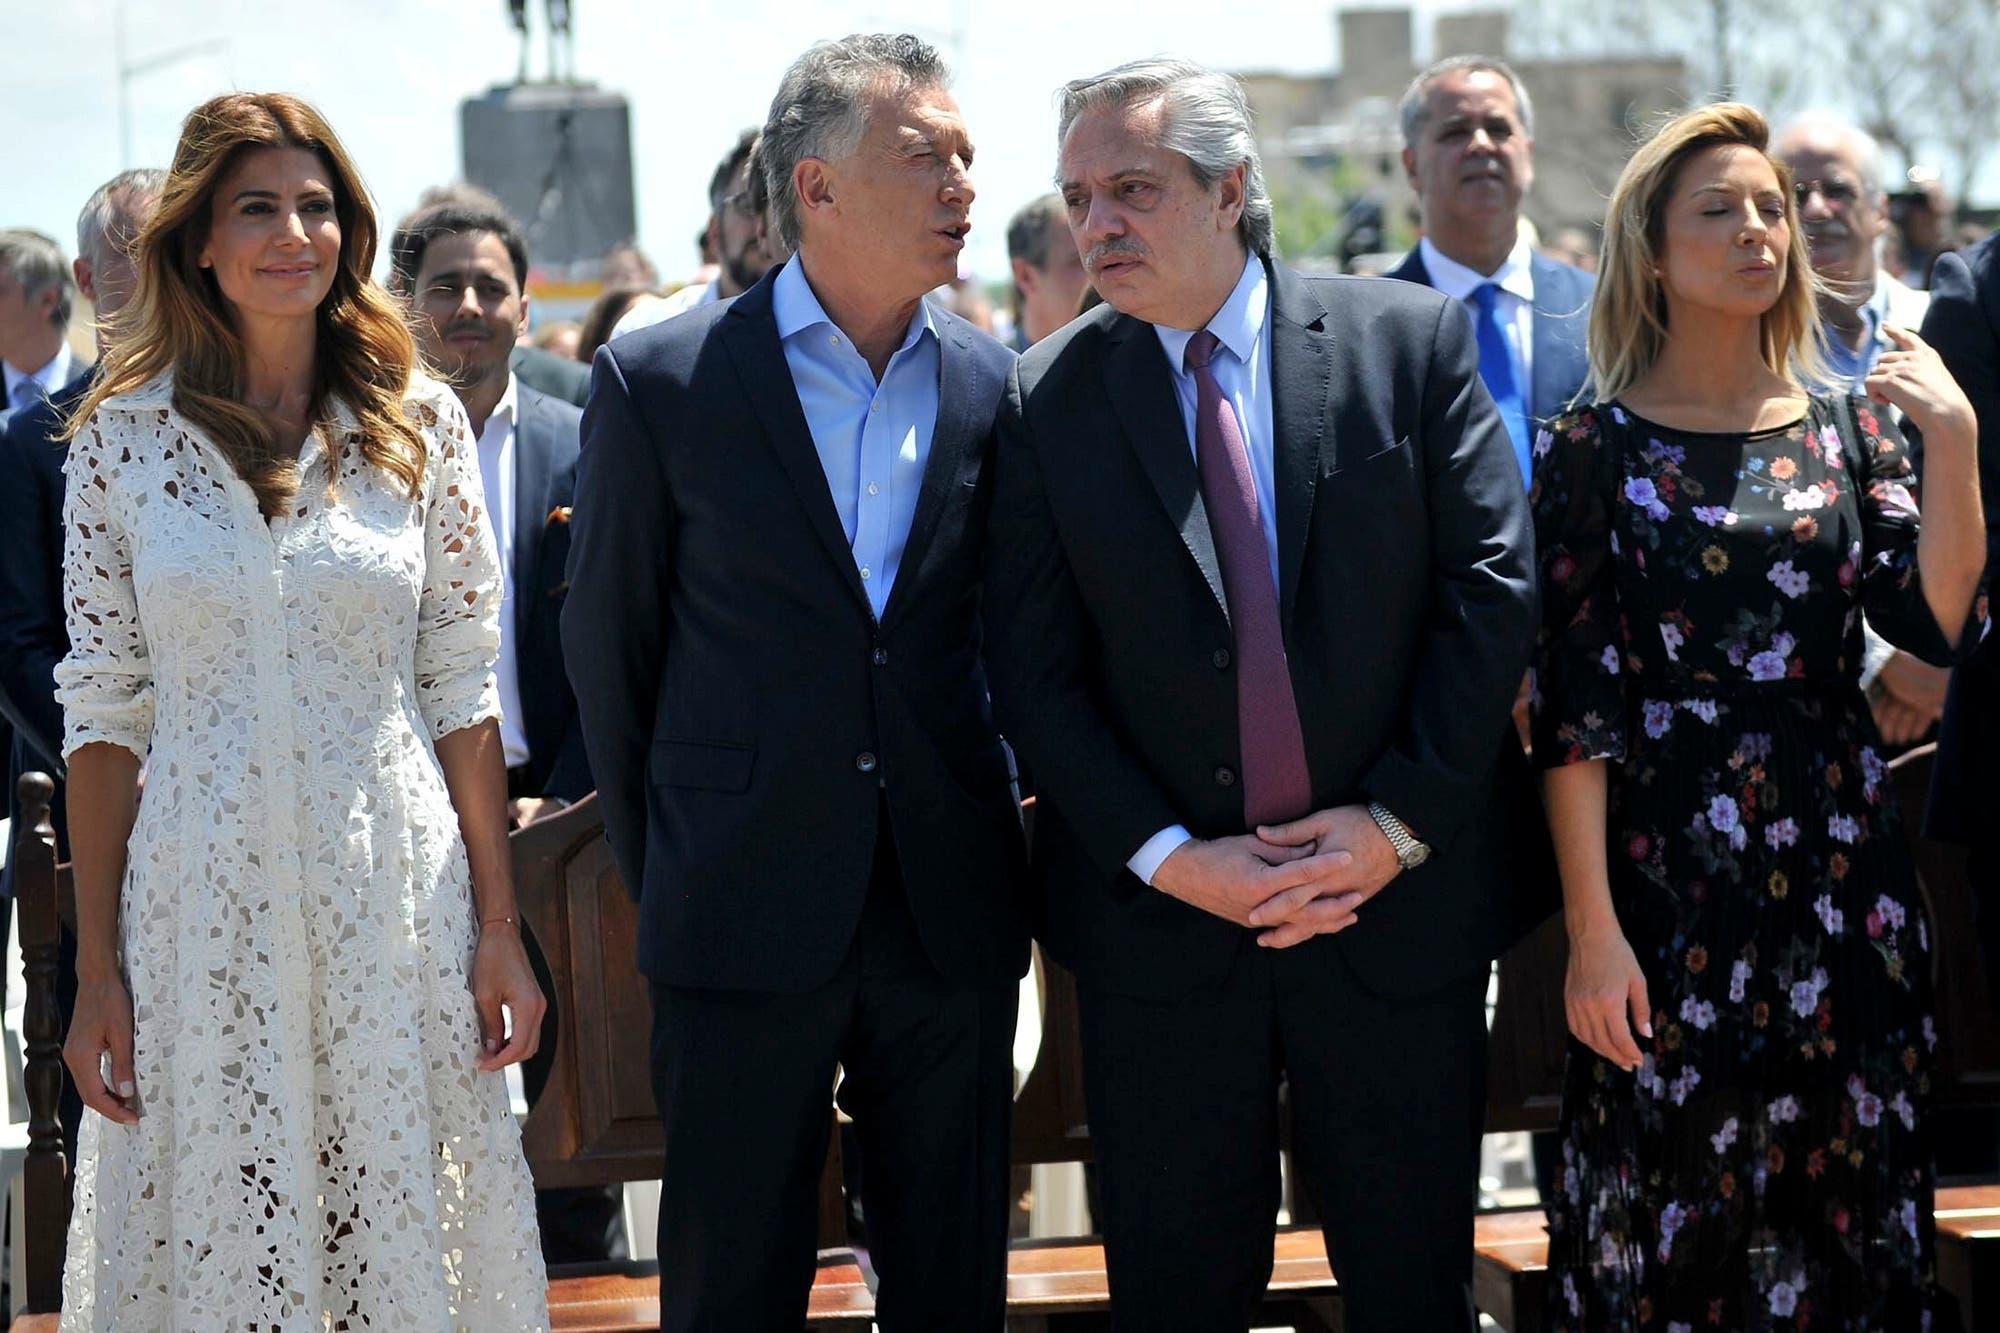 Los gestos de convivencia política taparon los momentos más incómodos de la ceremonia